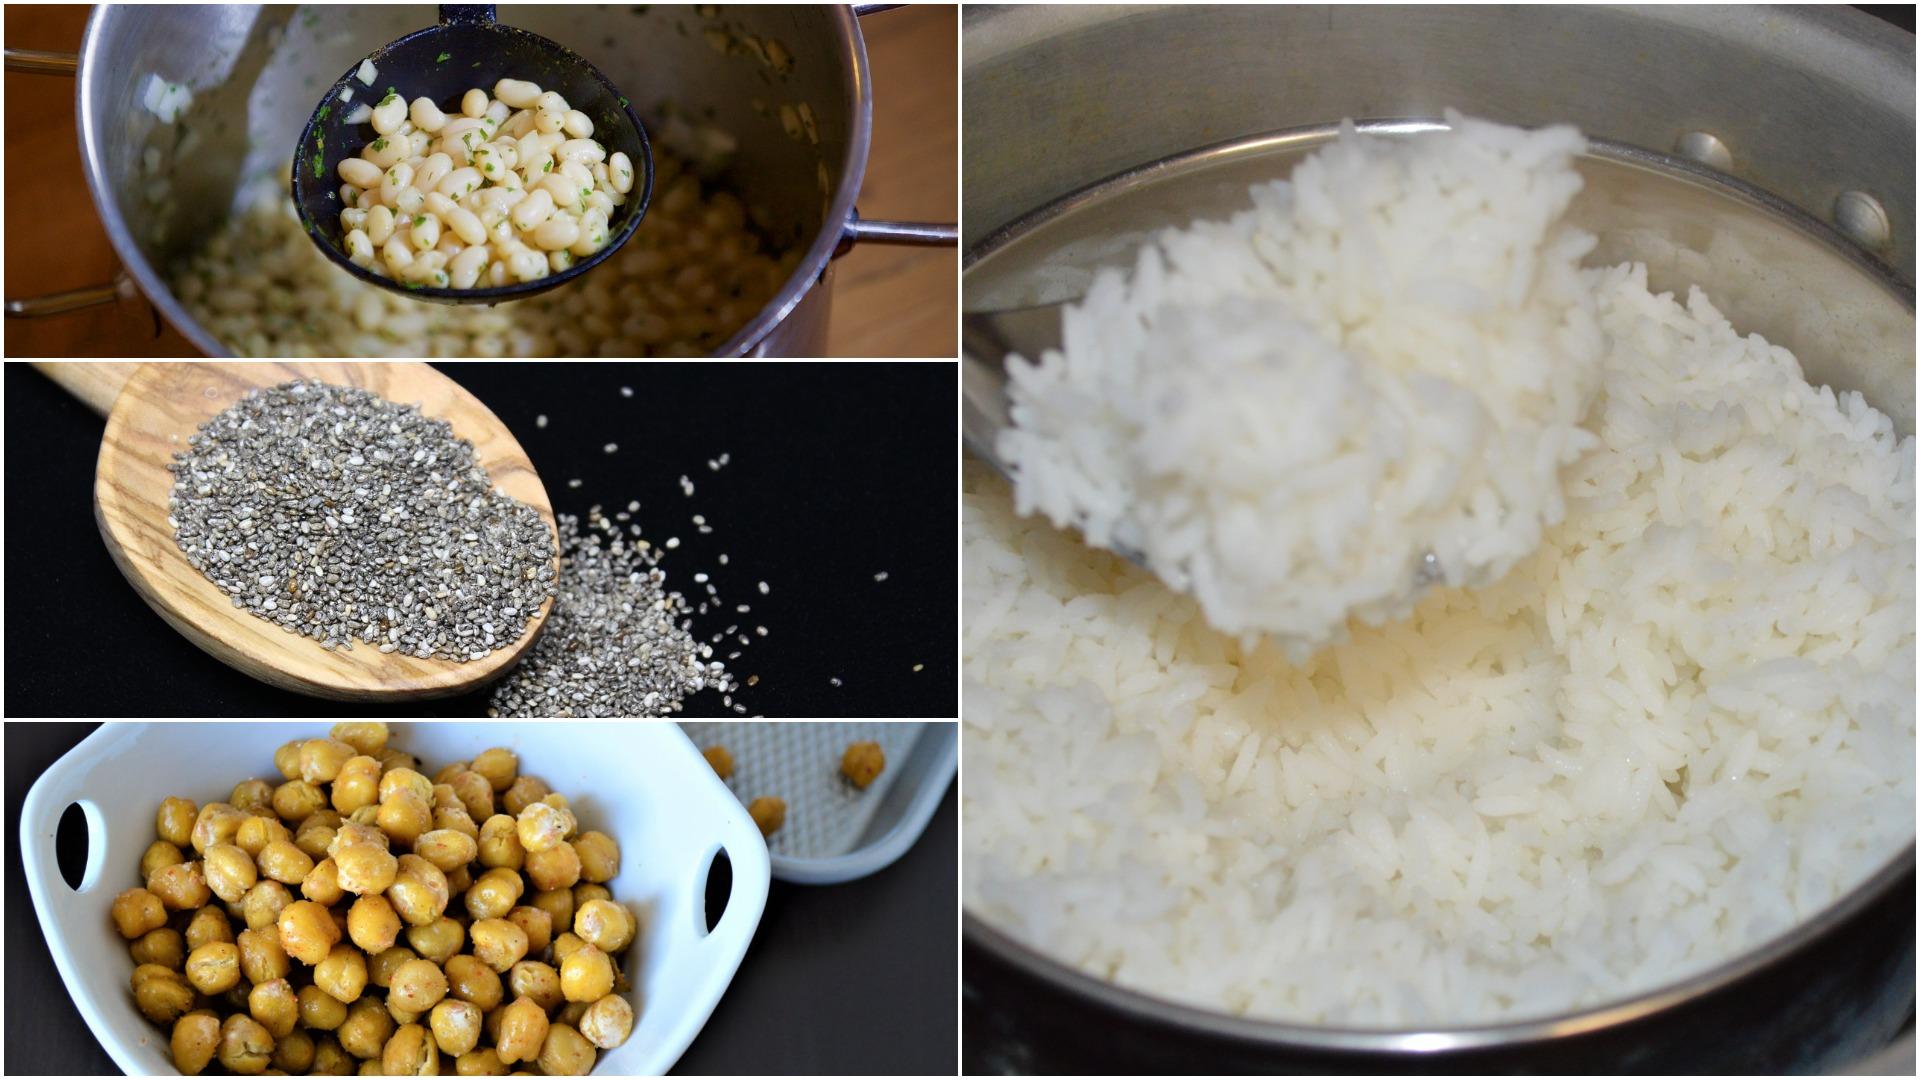 Grains vs beans, lentils, seeds